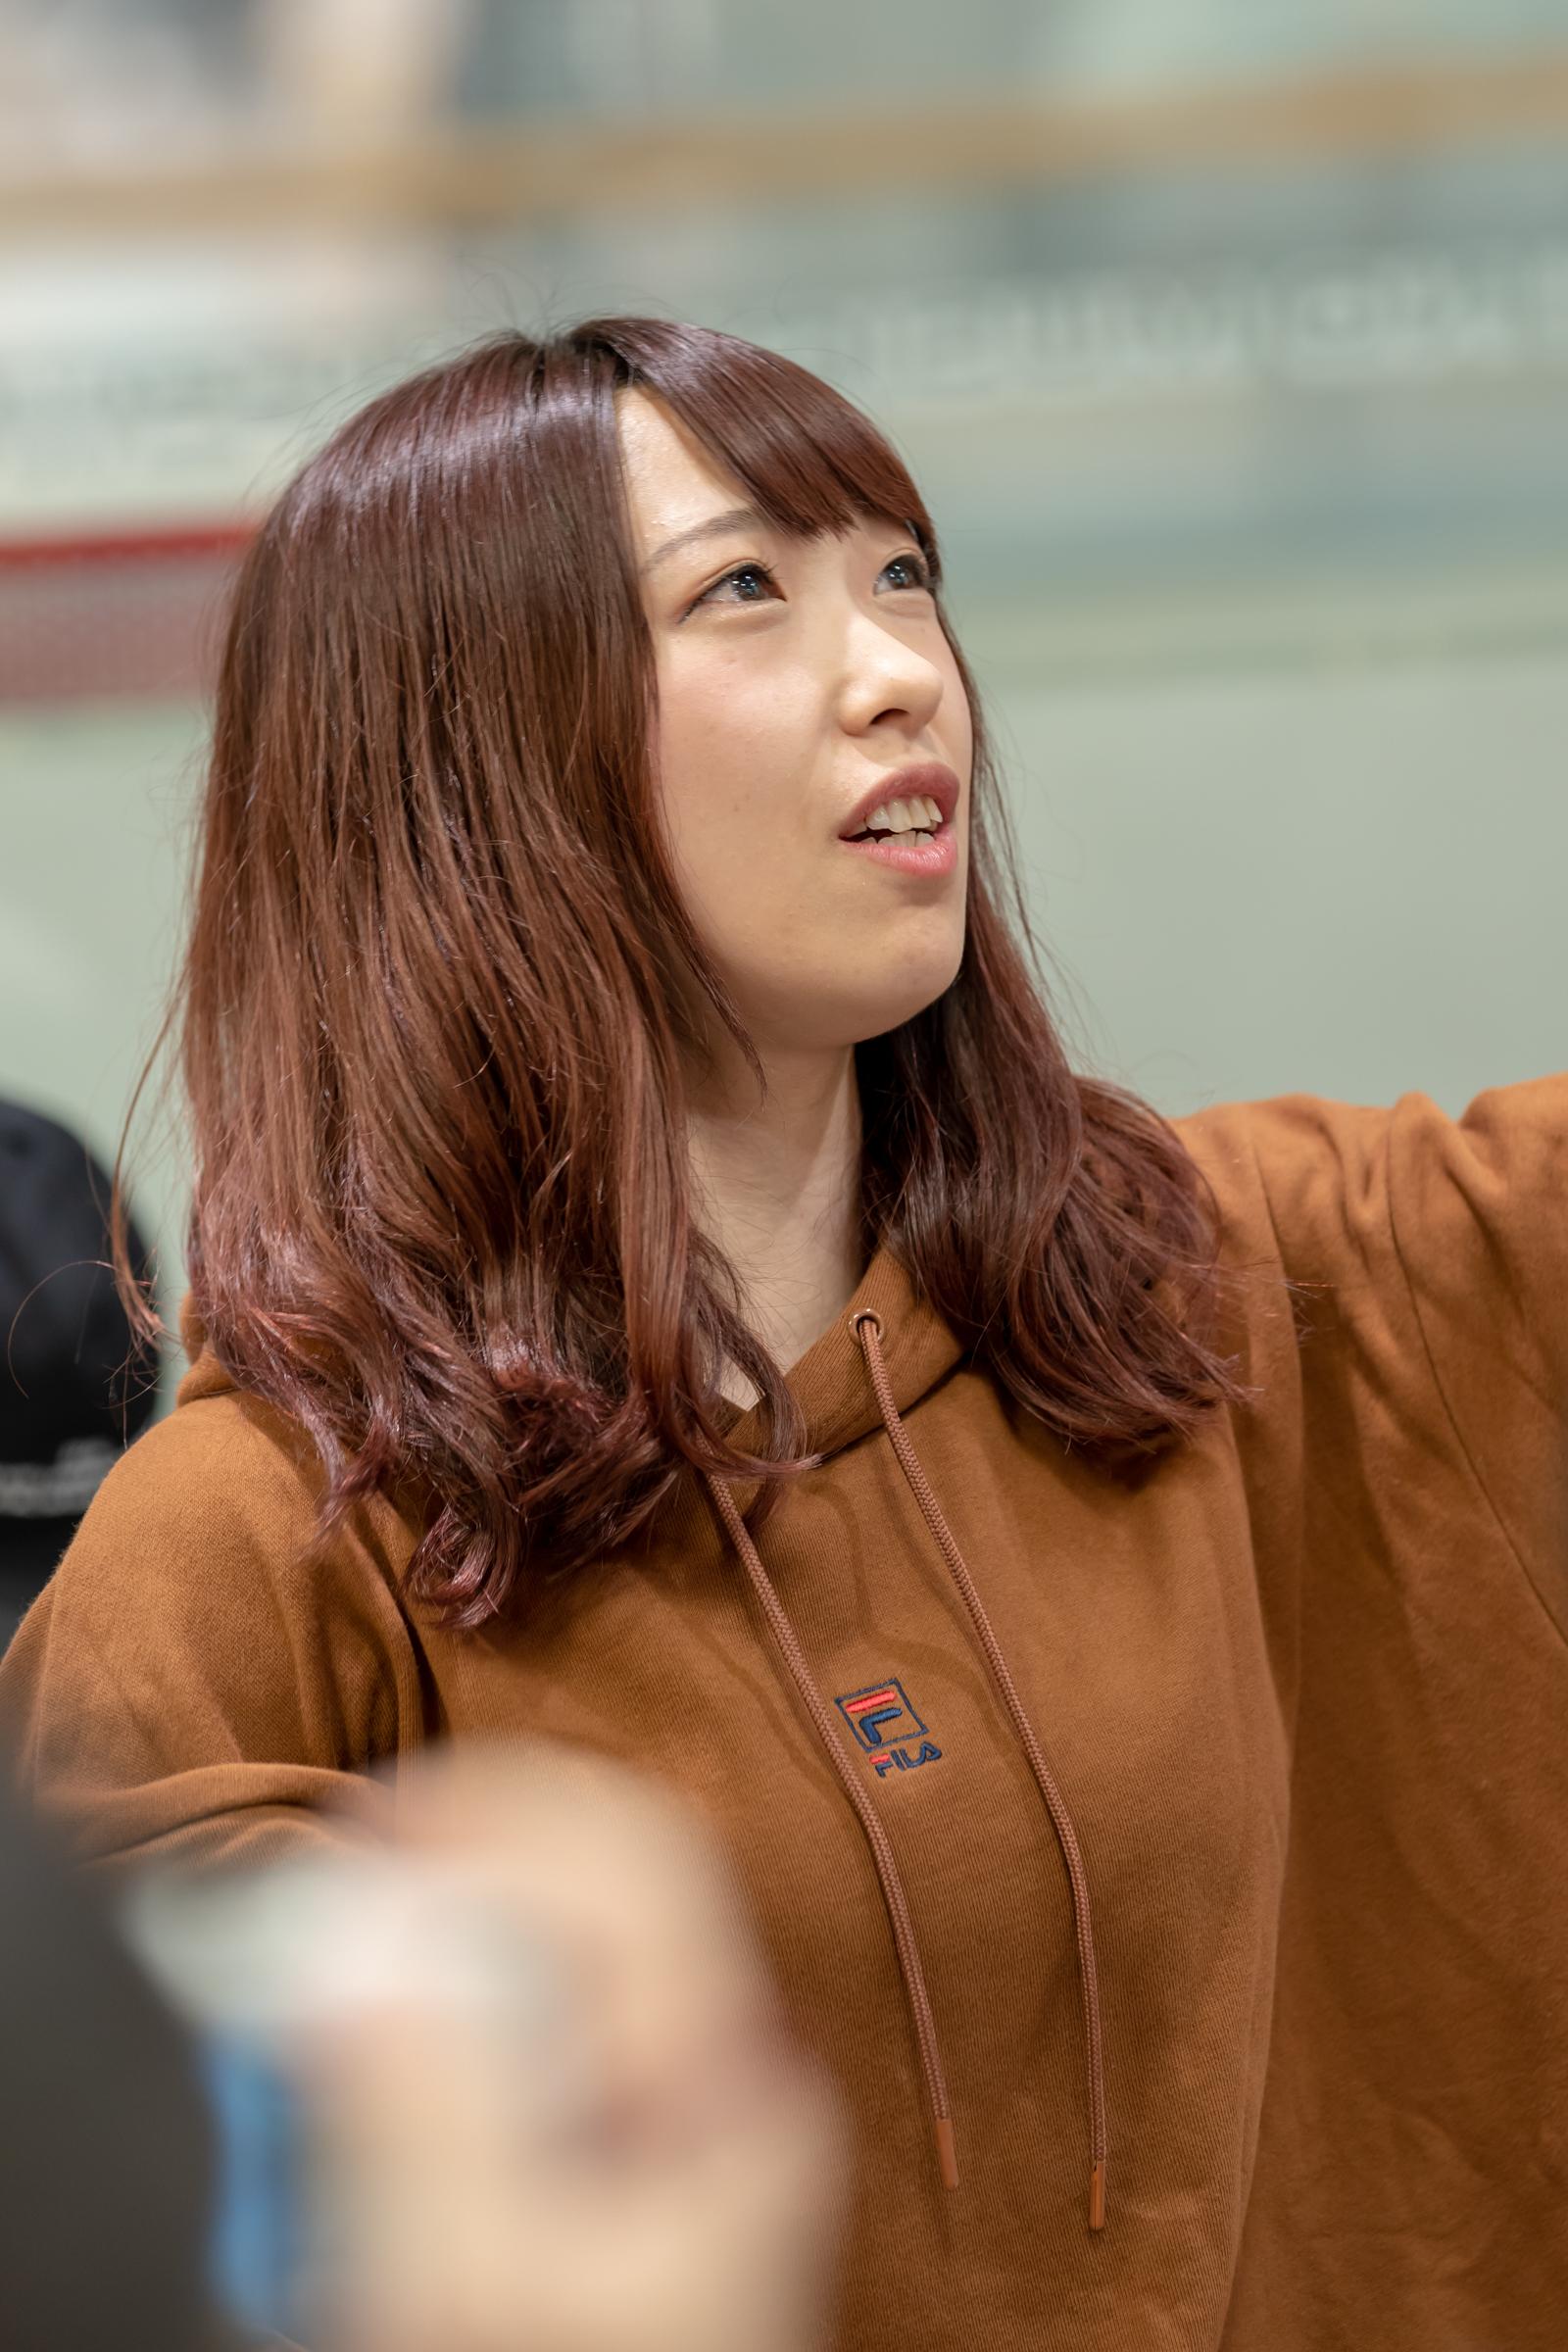 フルーティー♡ おばち ( 小原優花 ) | メジャーシングル第2弾「FRONT LINER」リリースイベント